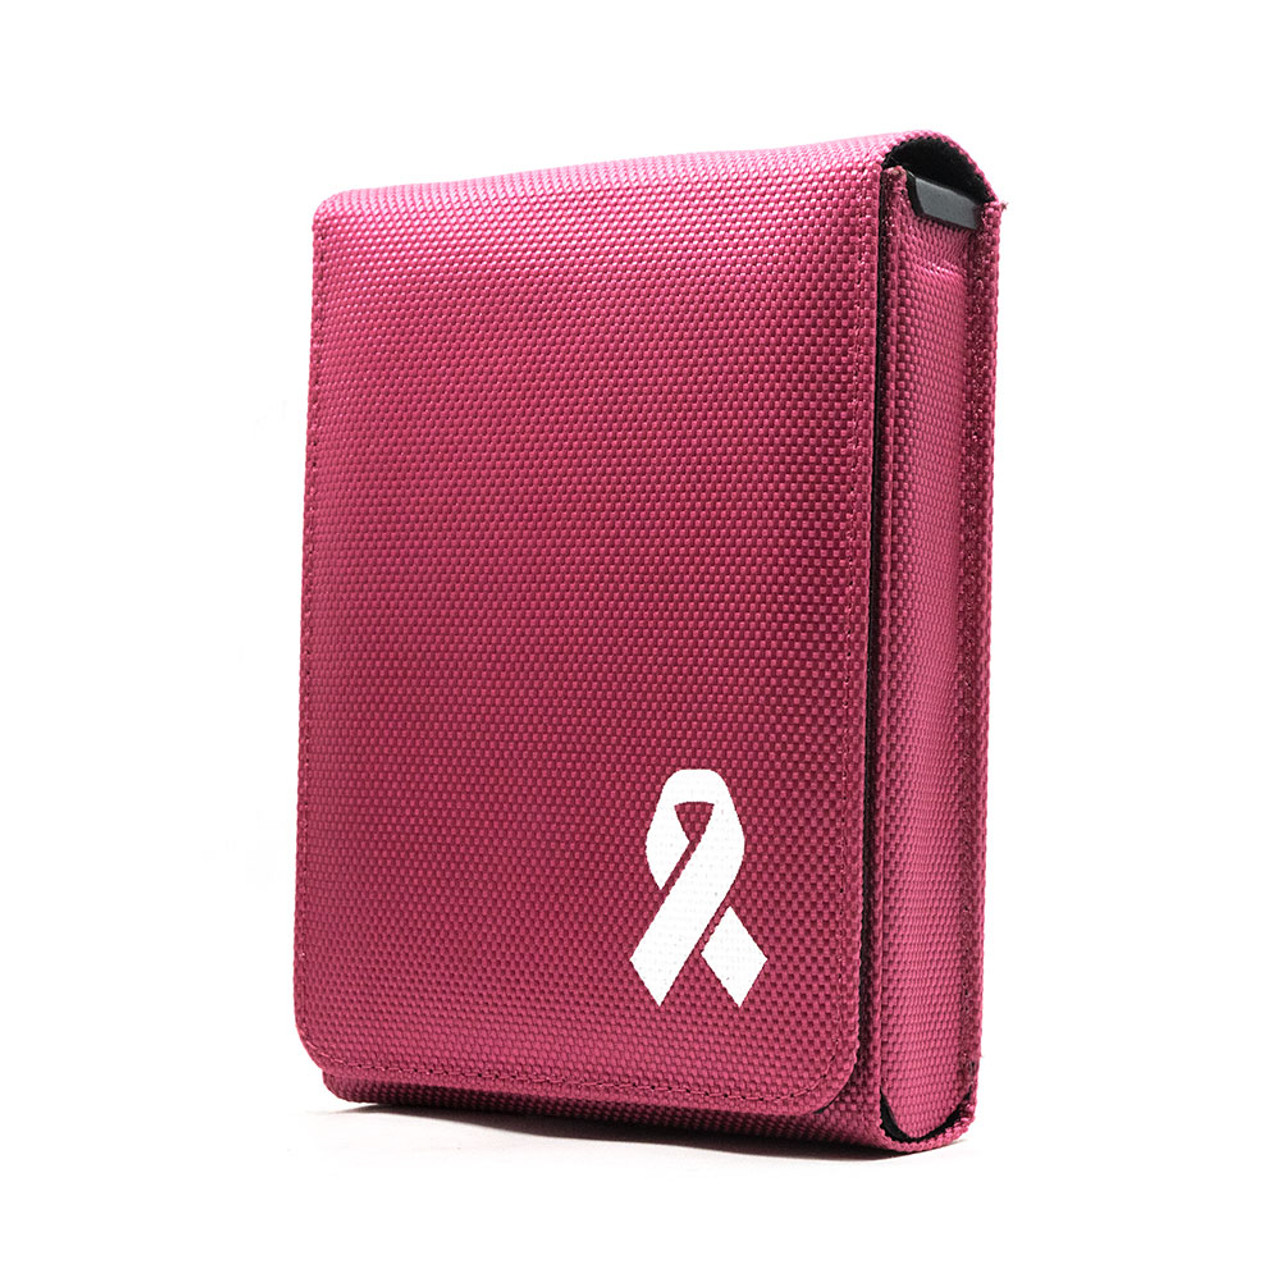 Taurus G2S Pink Covert Series Holster